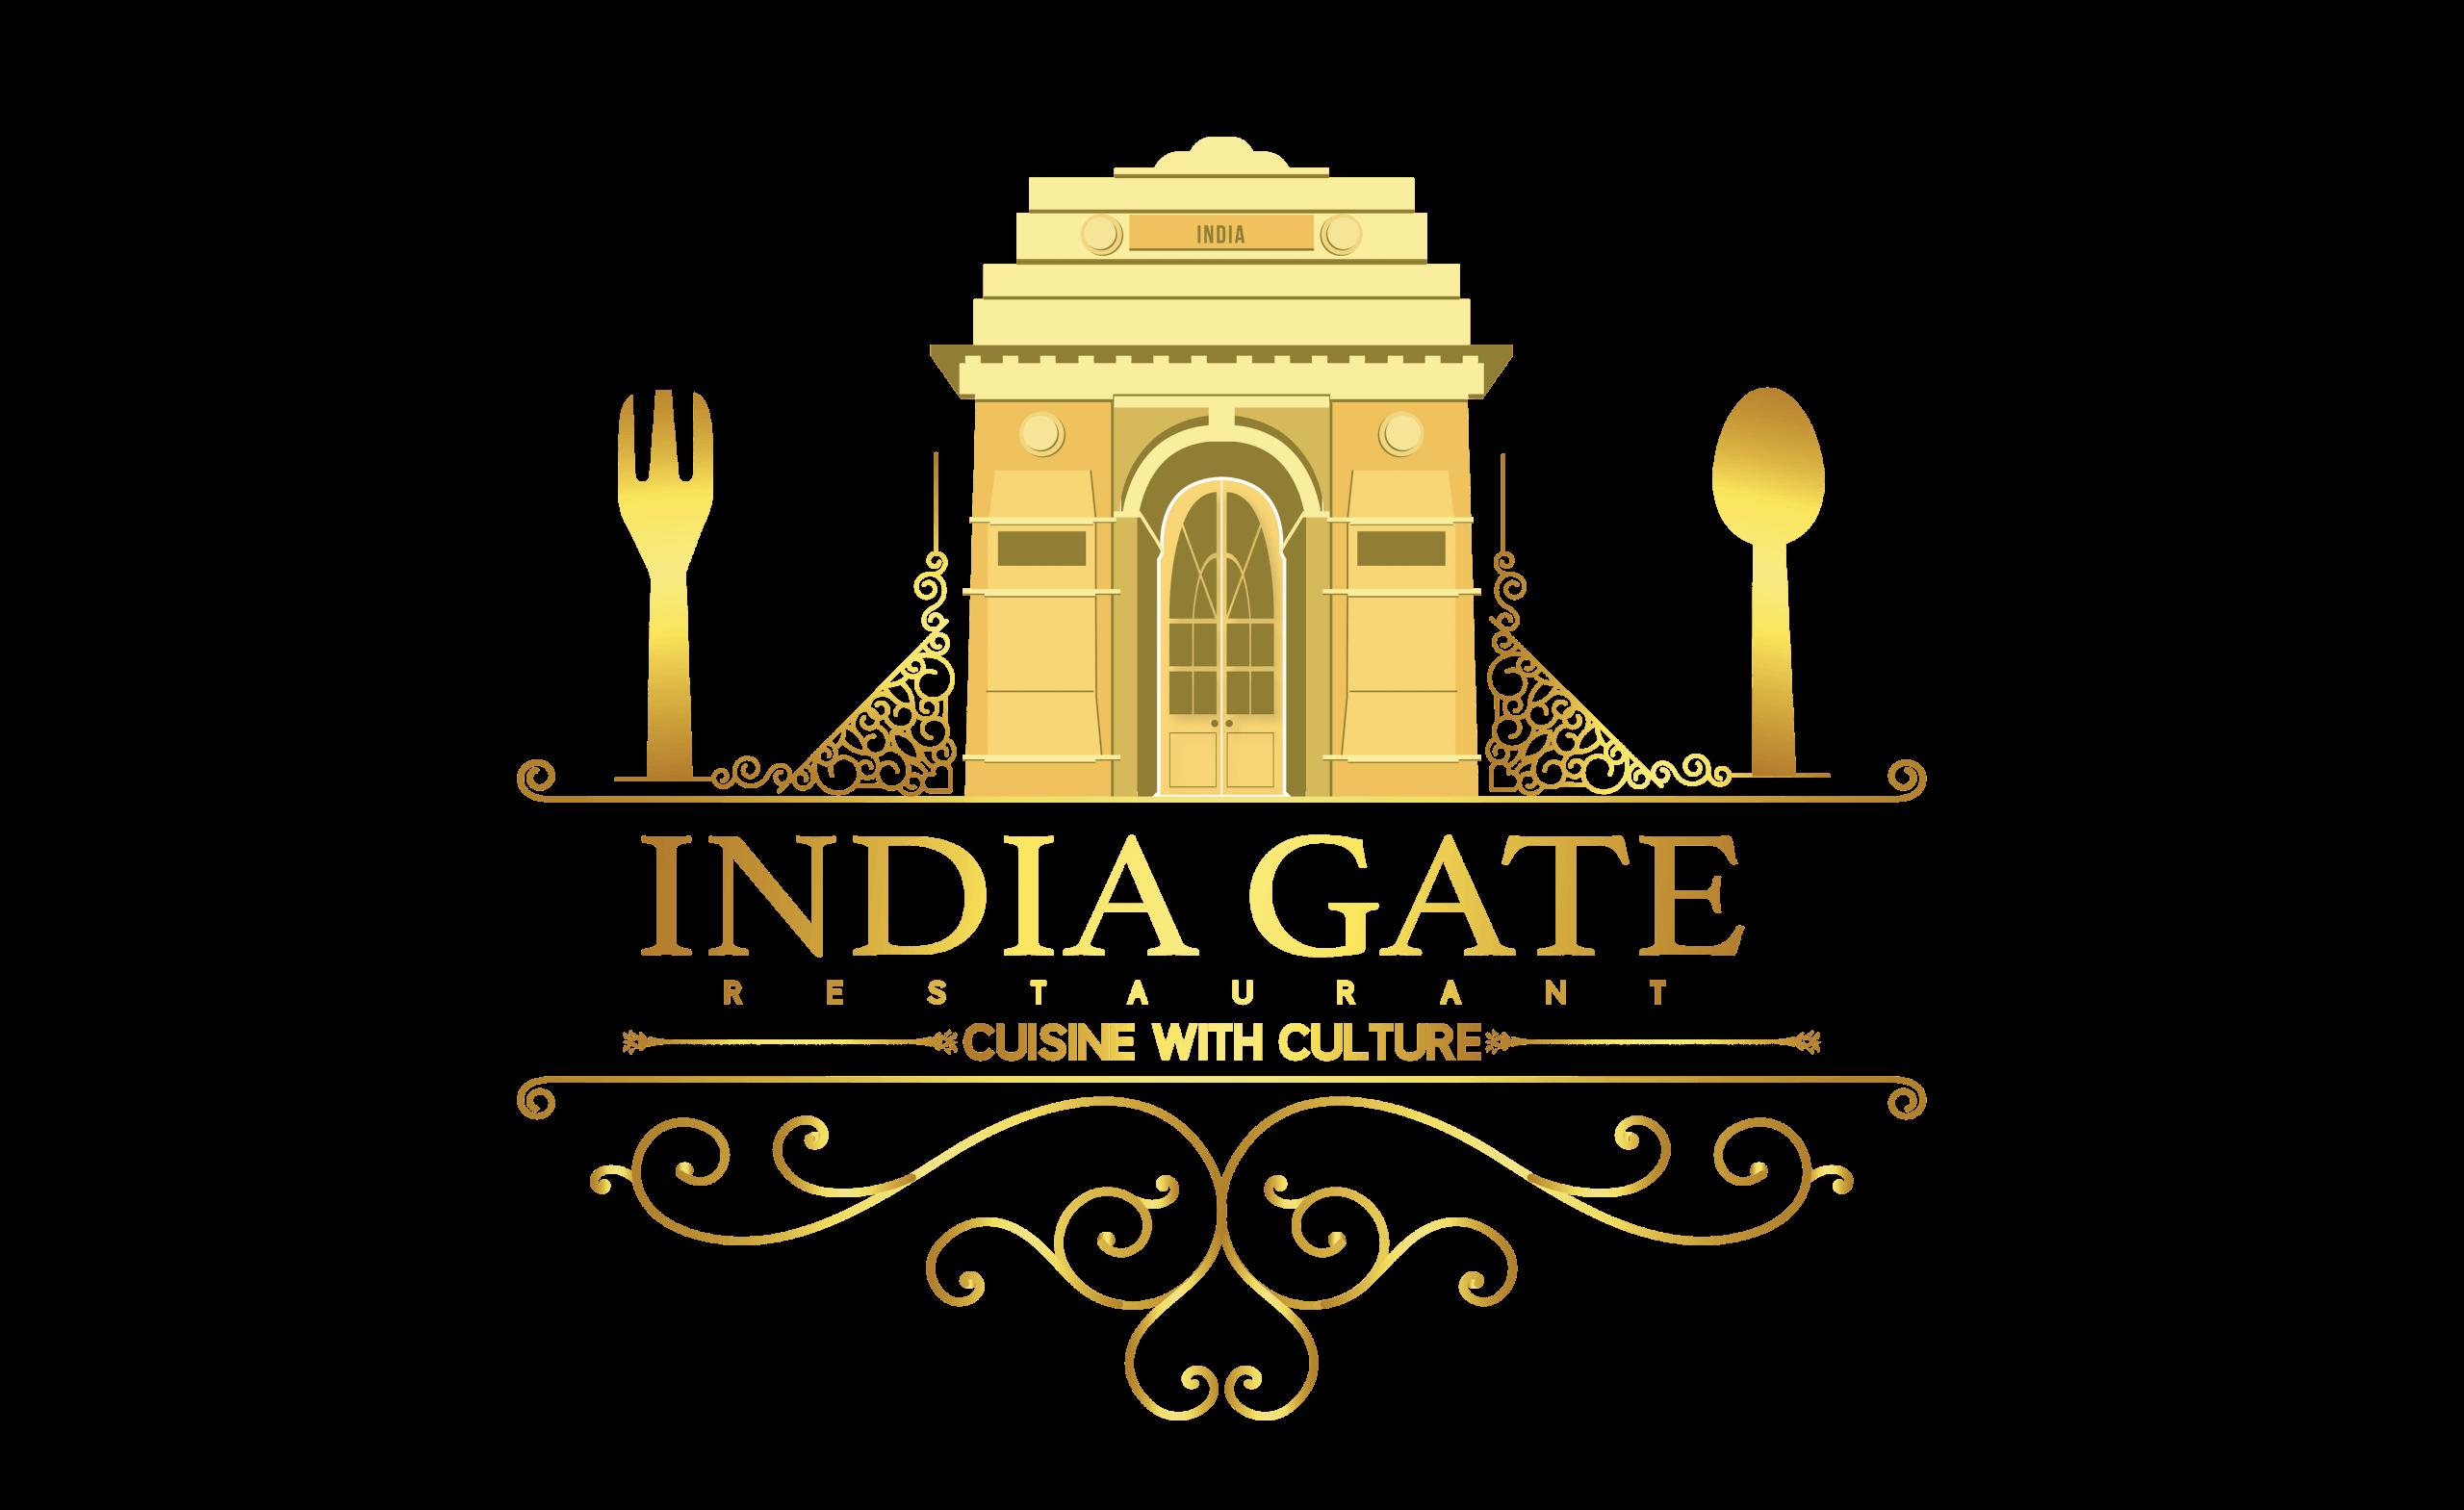 India Gate Restaurant